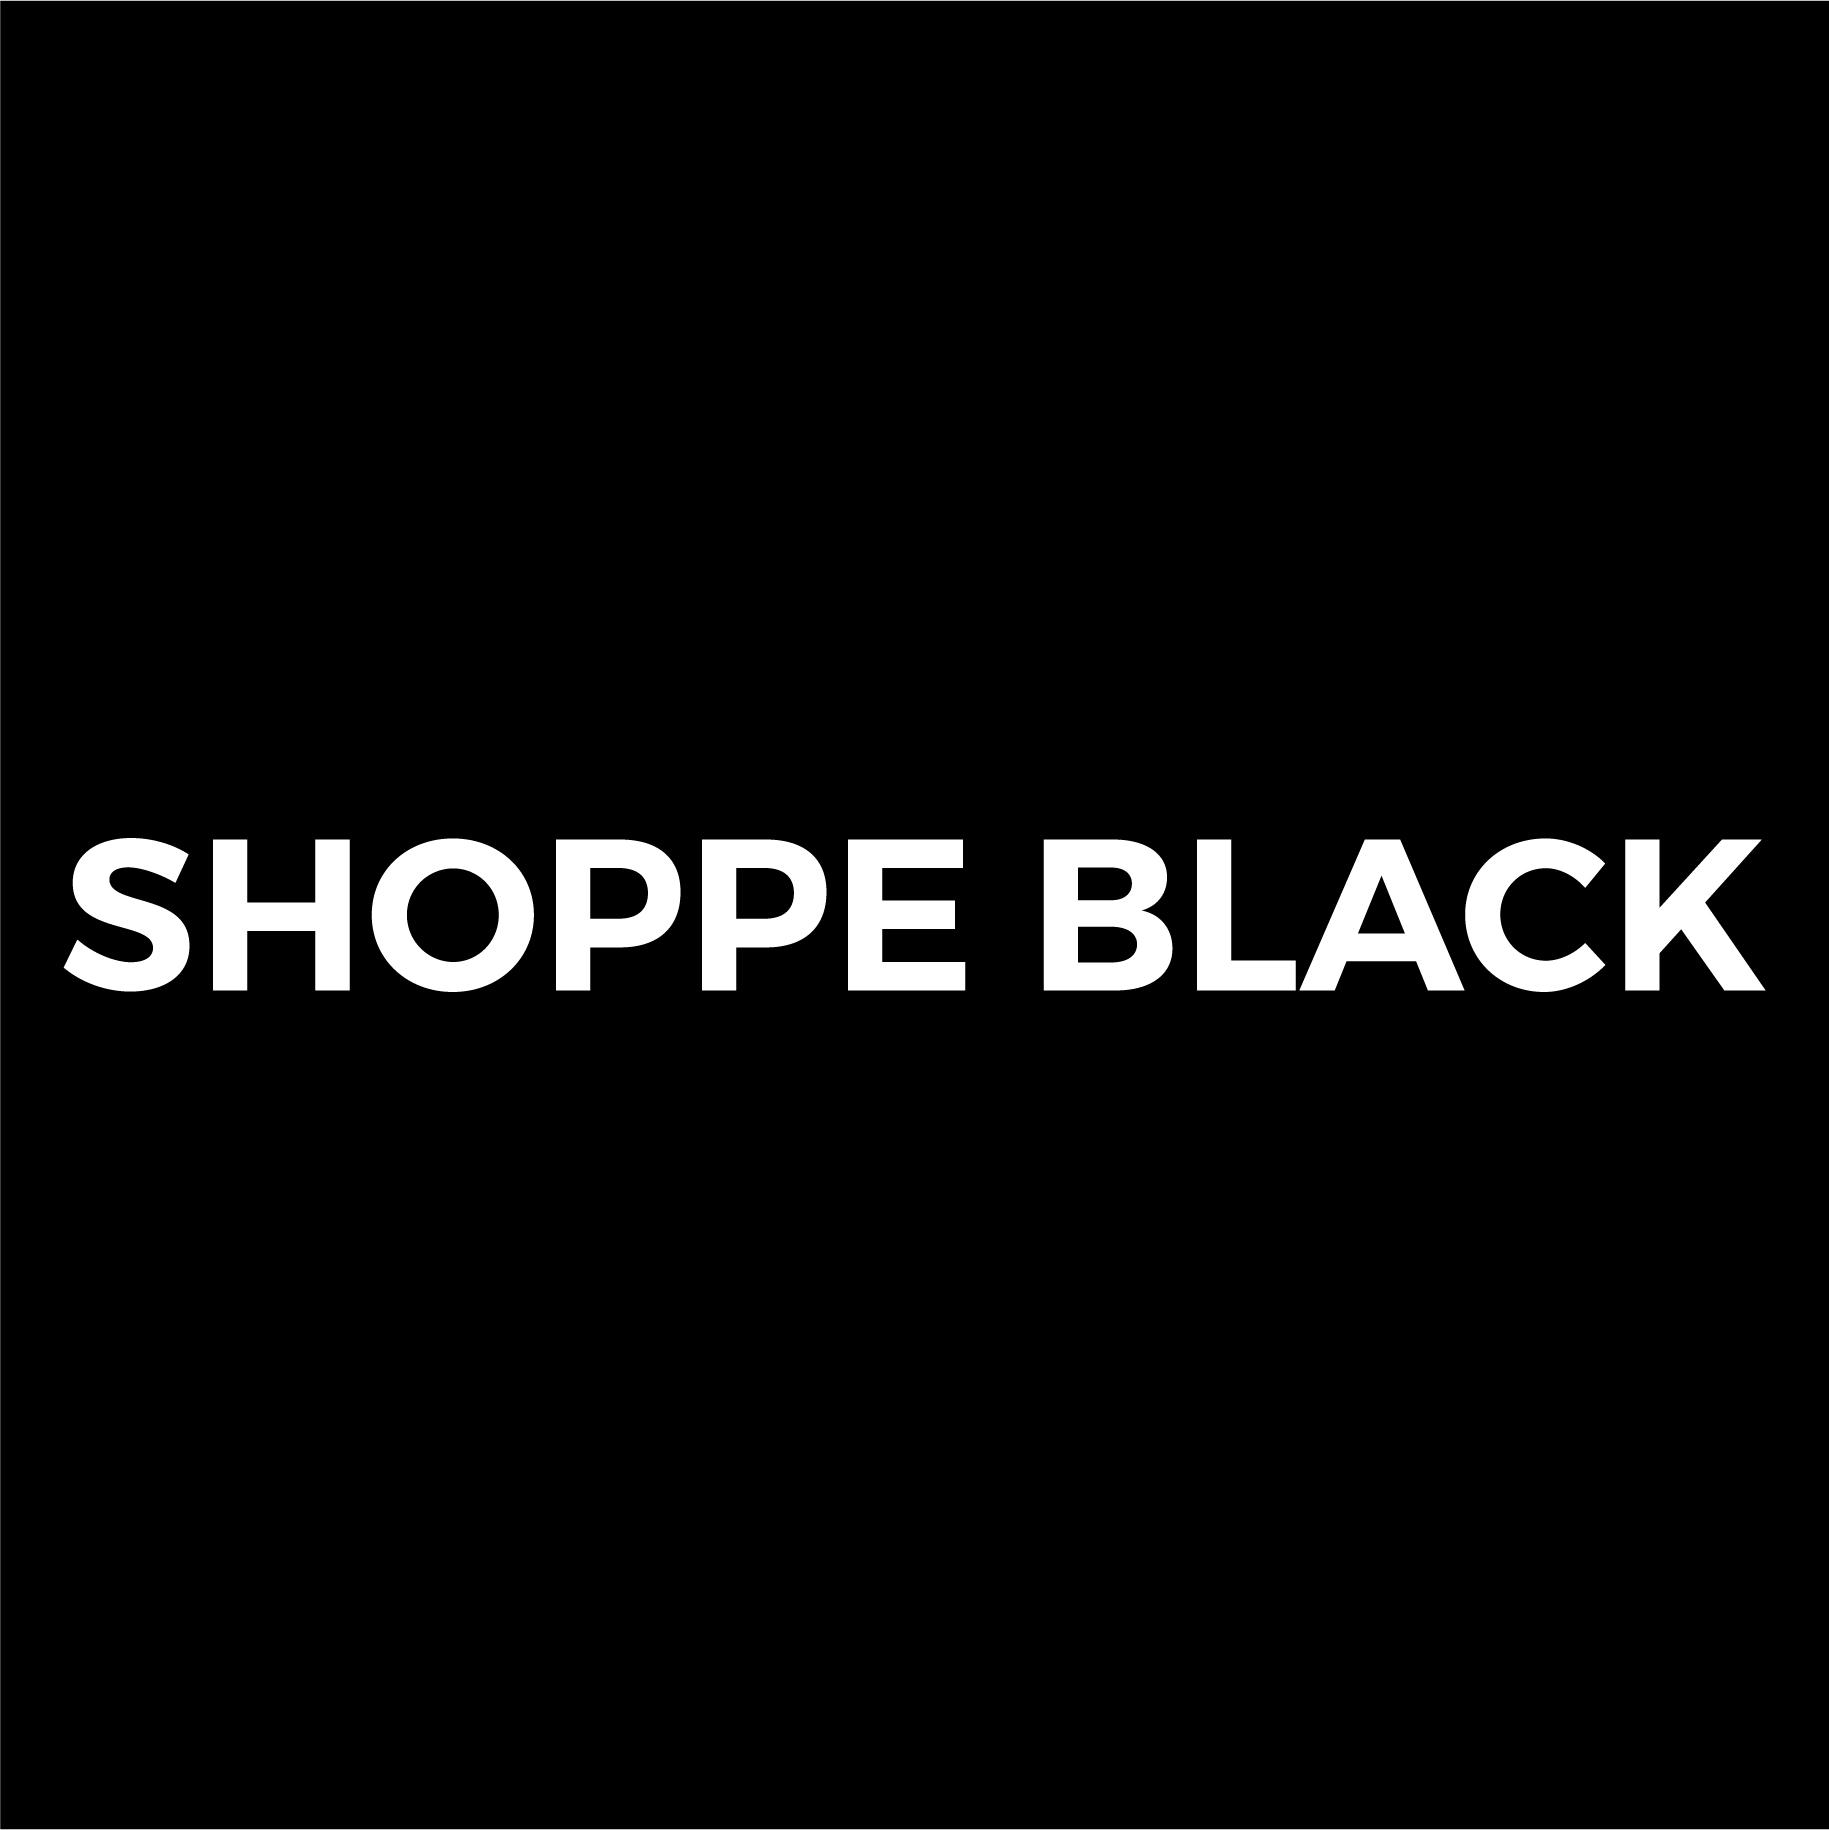 SHOPPE BLACK